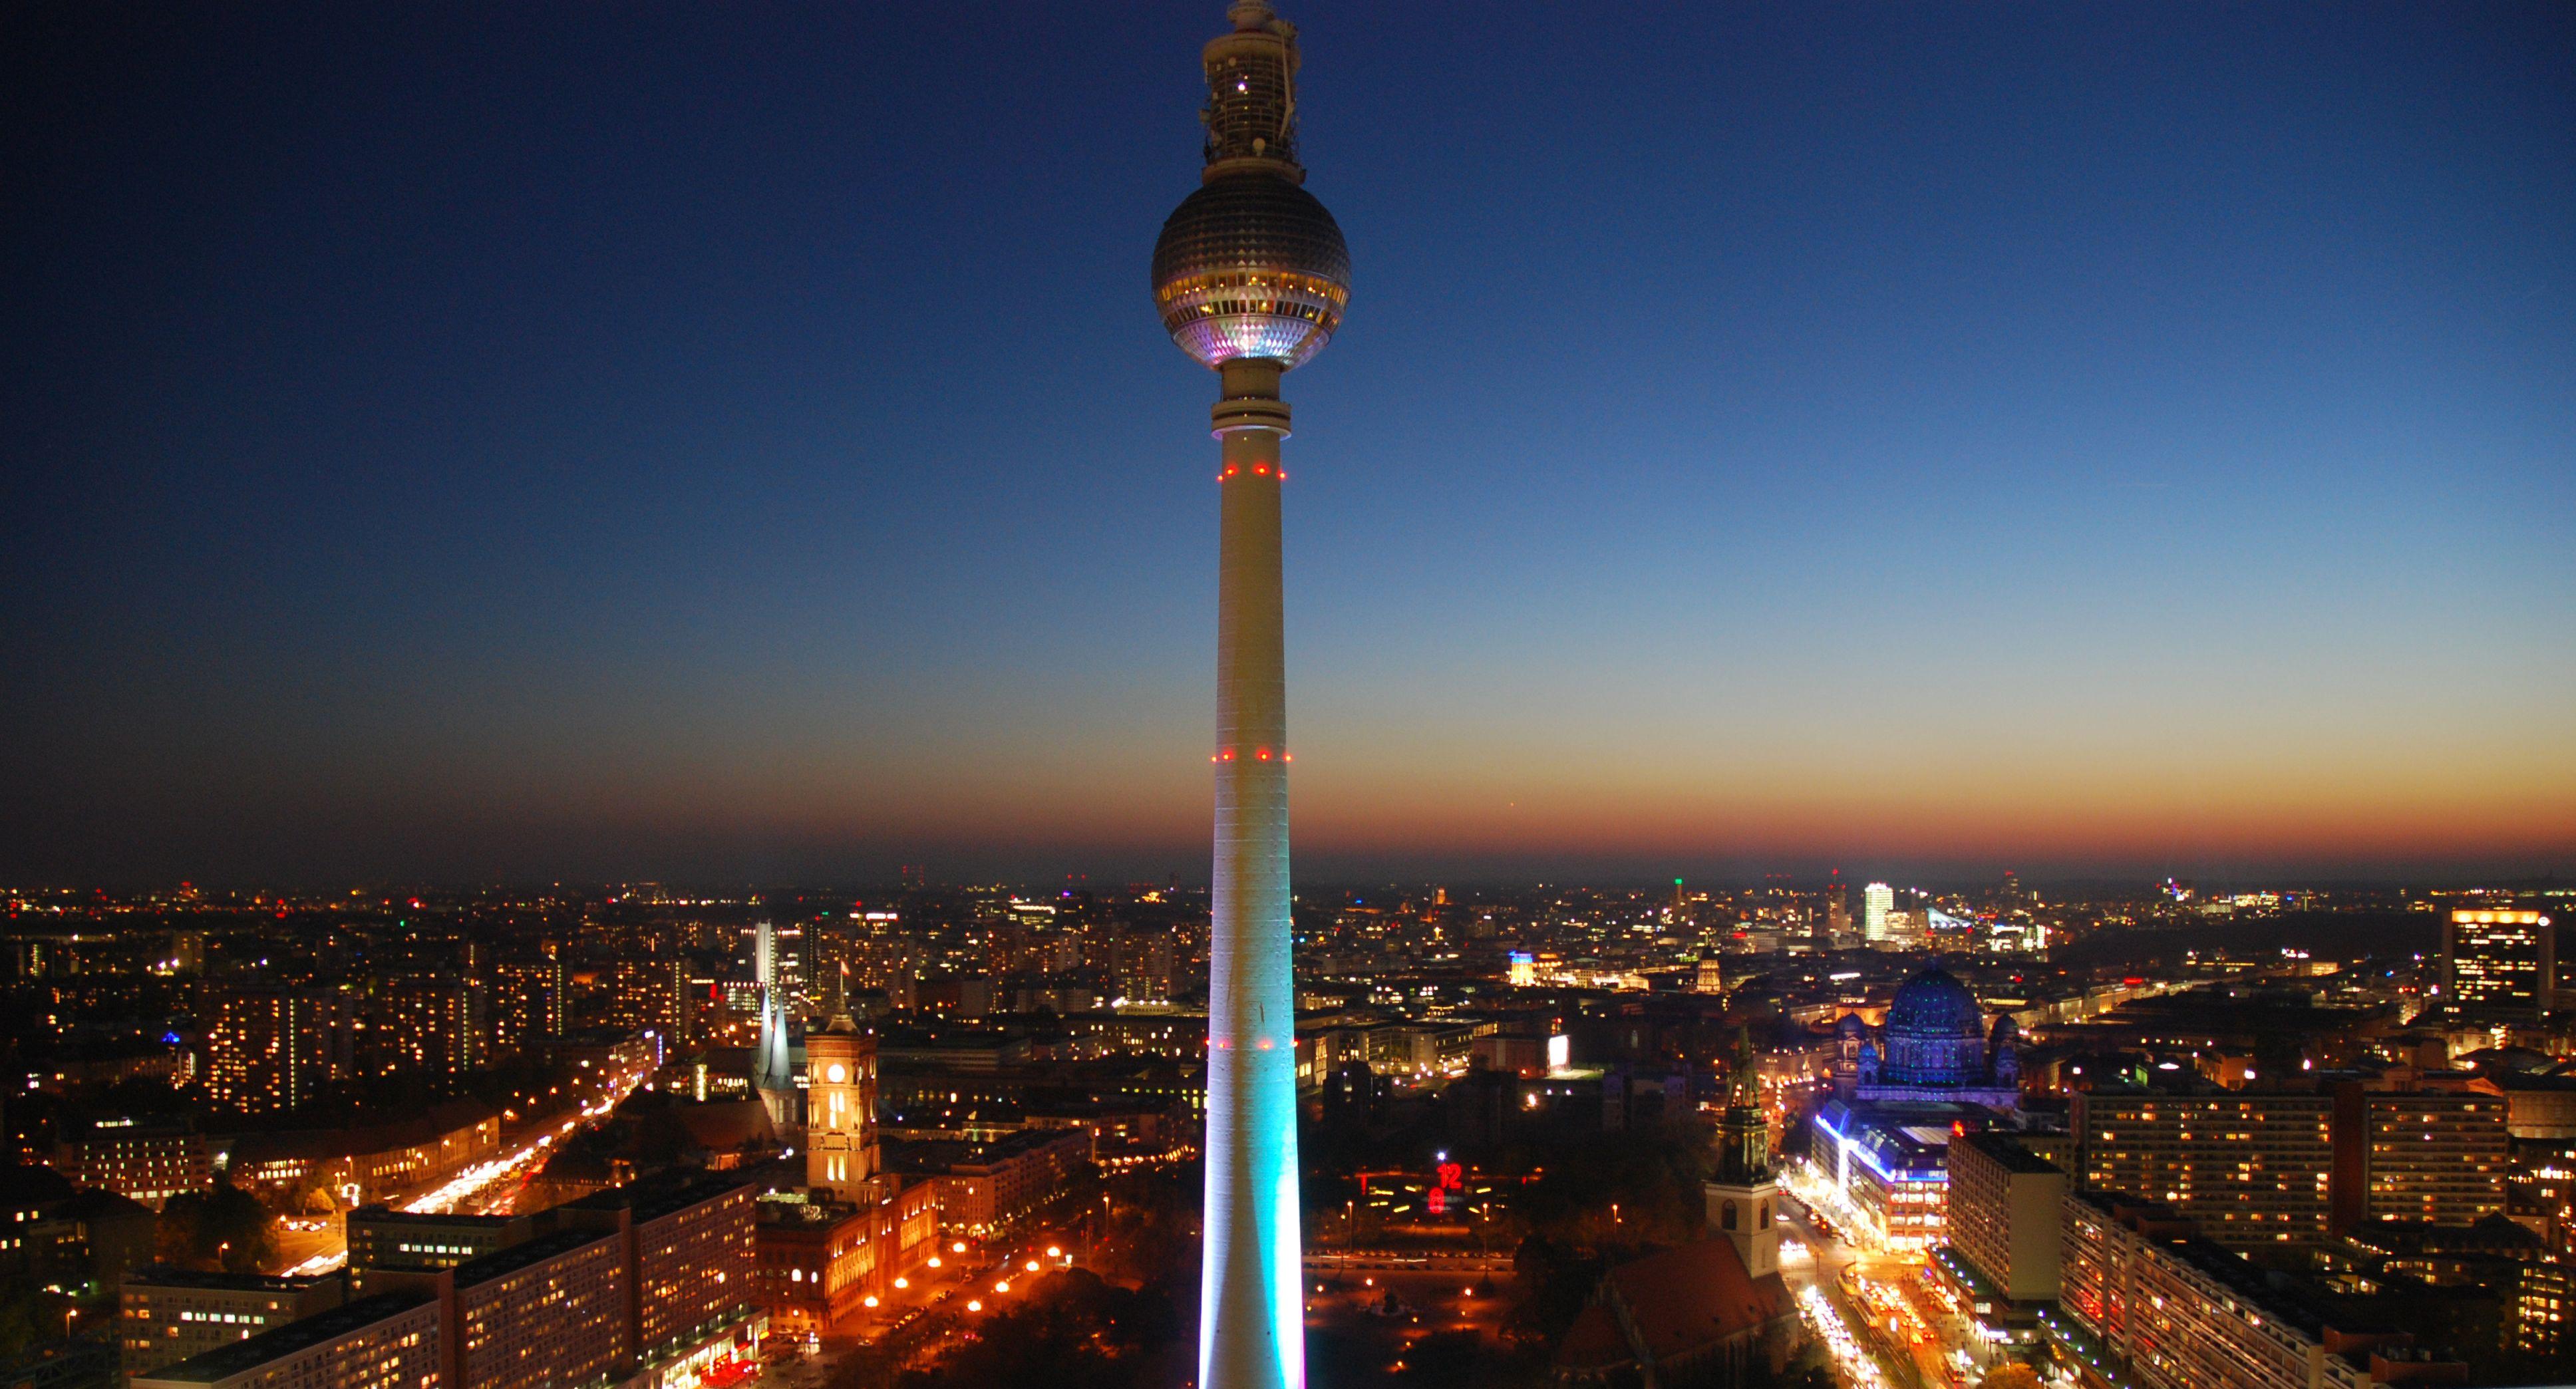 Nueva Zelanda Fernsehturm Tv Turm Fernsehturm Berlin